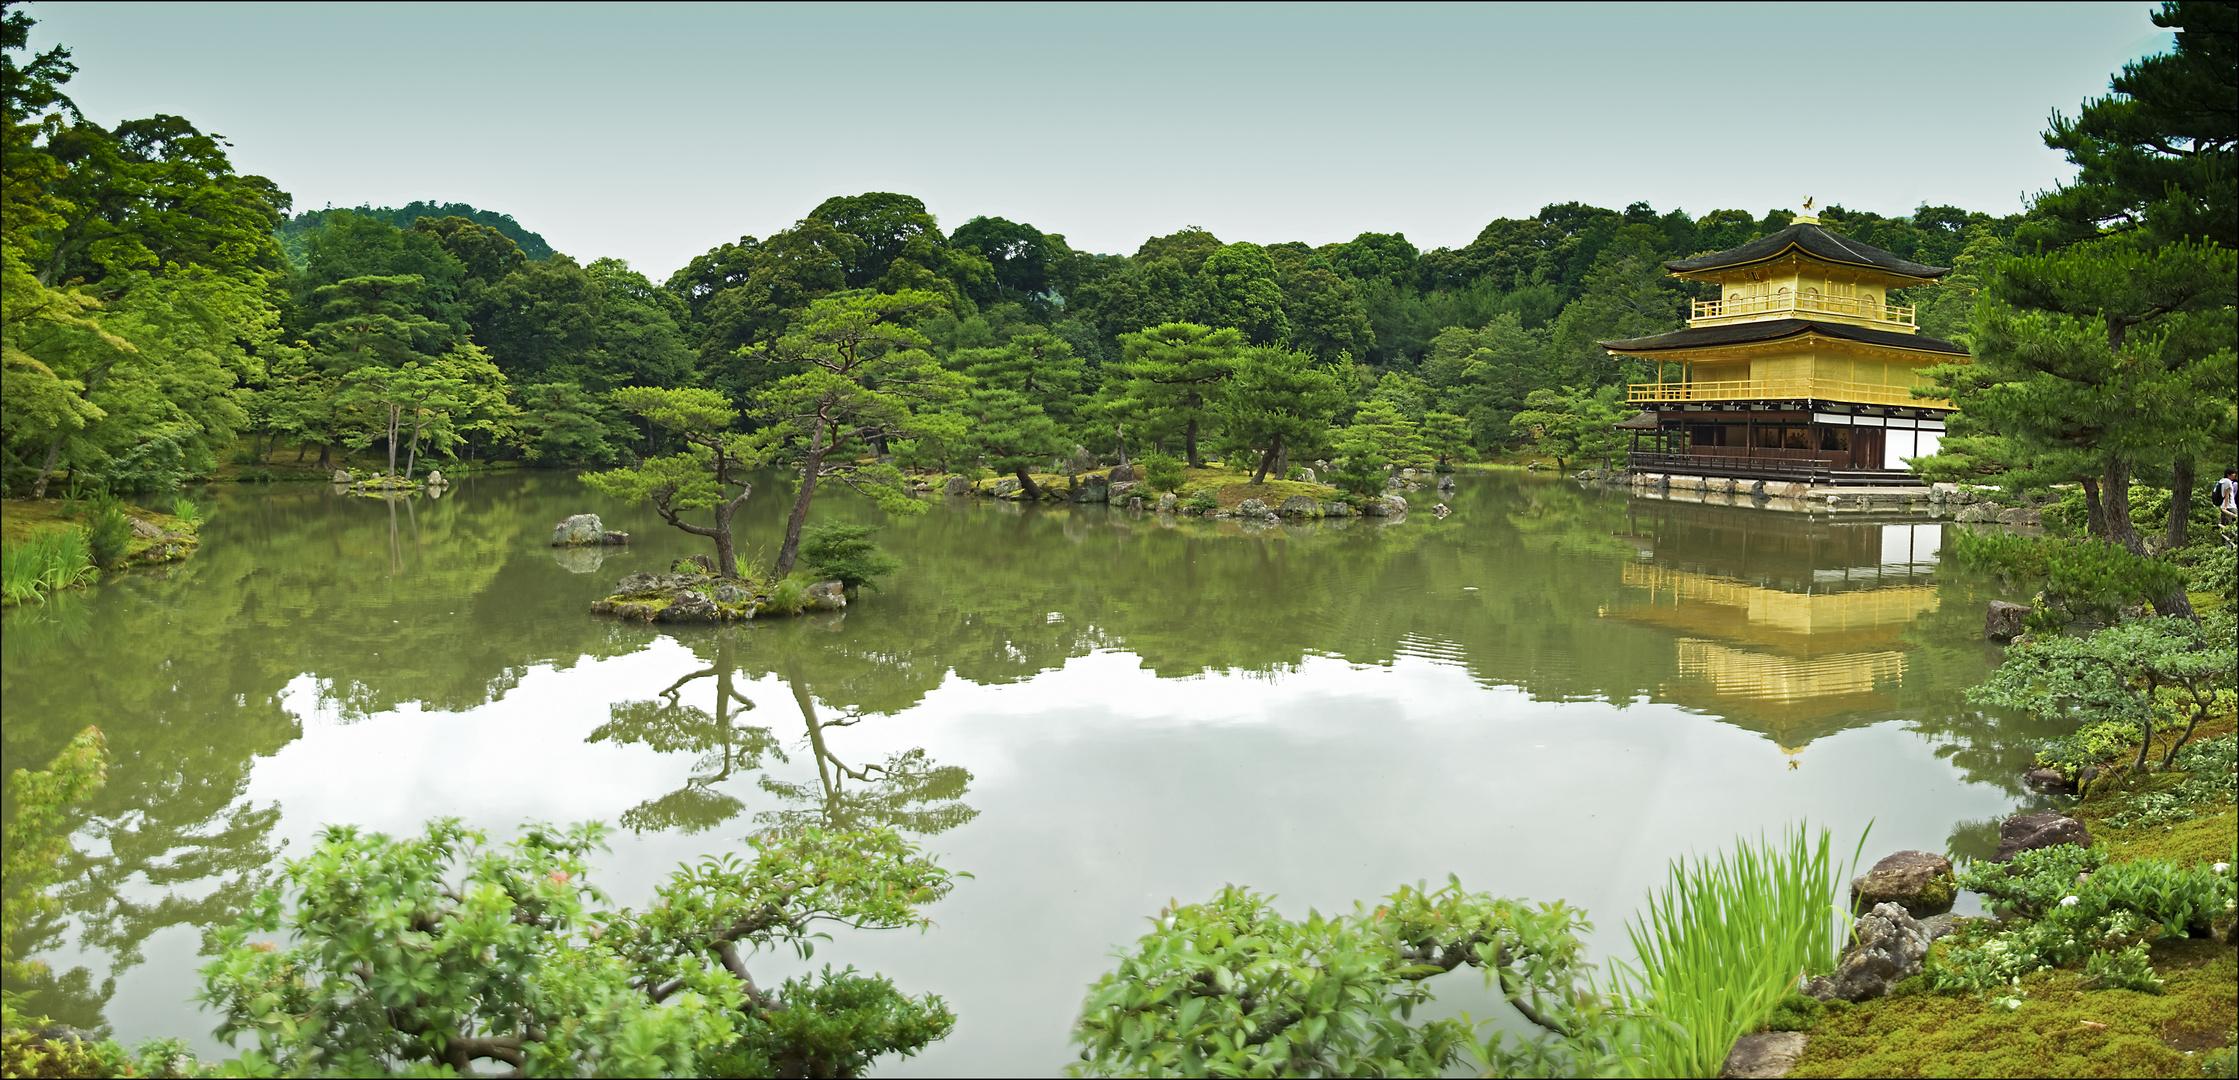 Kinkakuji (Golden Pavilion) in Kyoto